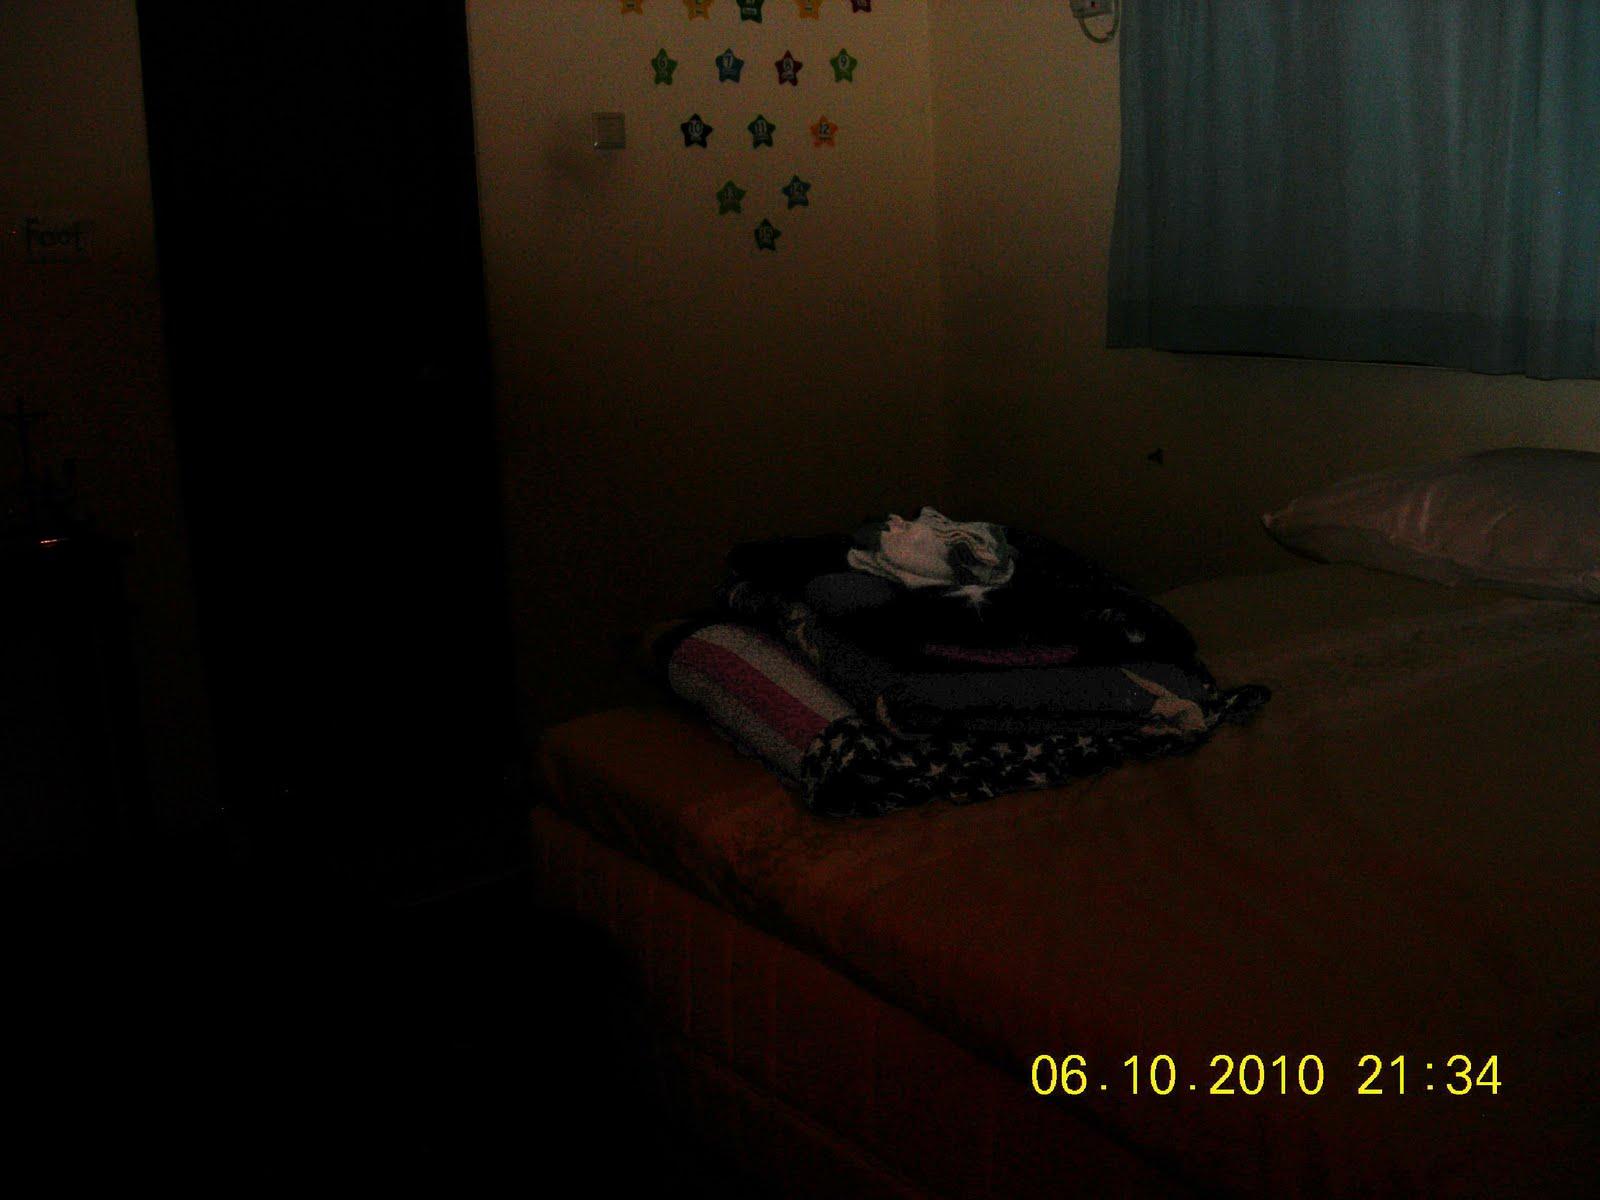 http://2.bp.blogspot.com/__sqMC3BEwb8/TMaFDGrRjMI/AAAAAAAAAD0/WcxwCyFTiWE/s1600/Dark+Room3.jpg